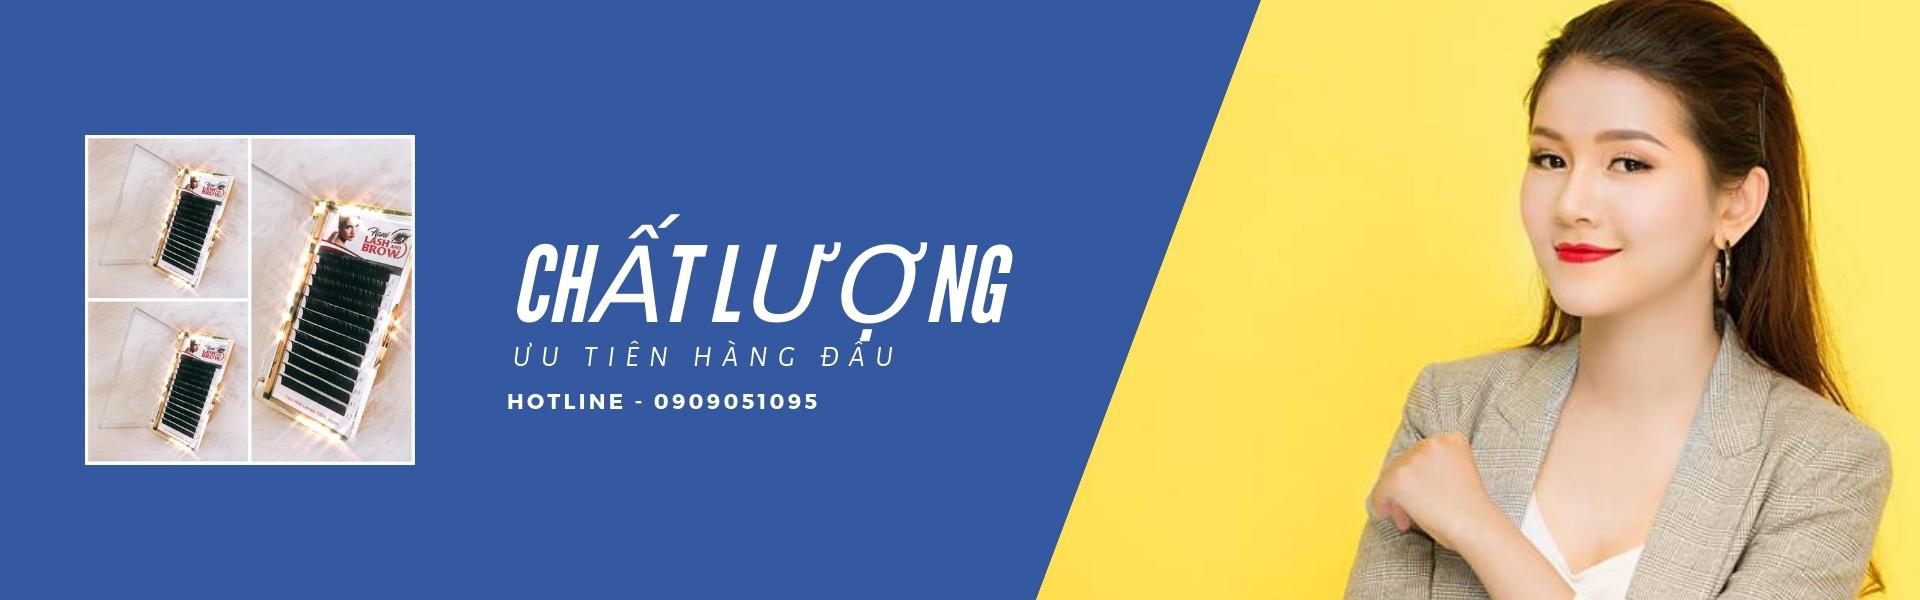 Dung Cu Noi Mi Hani